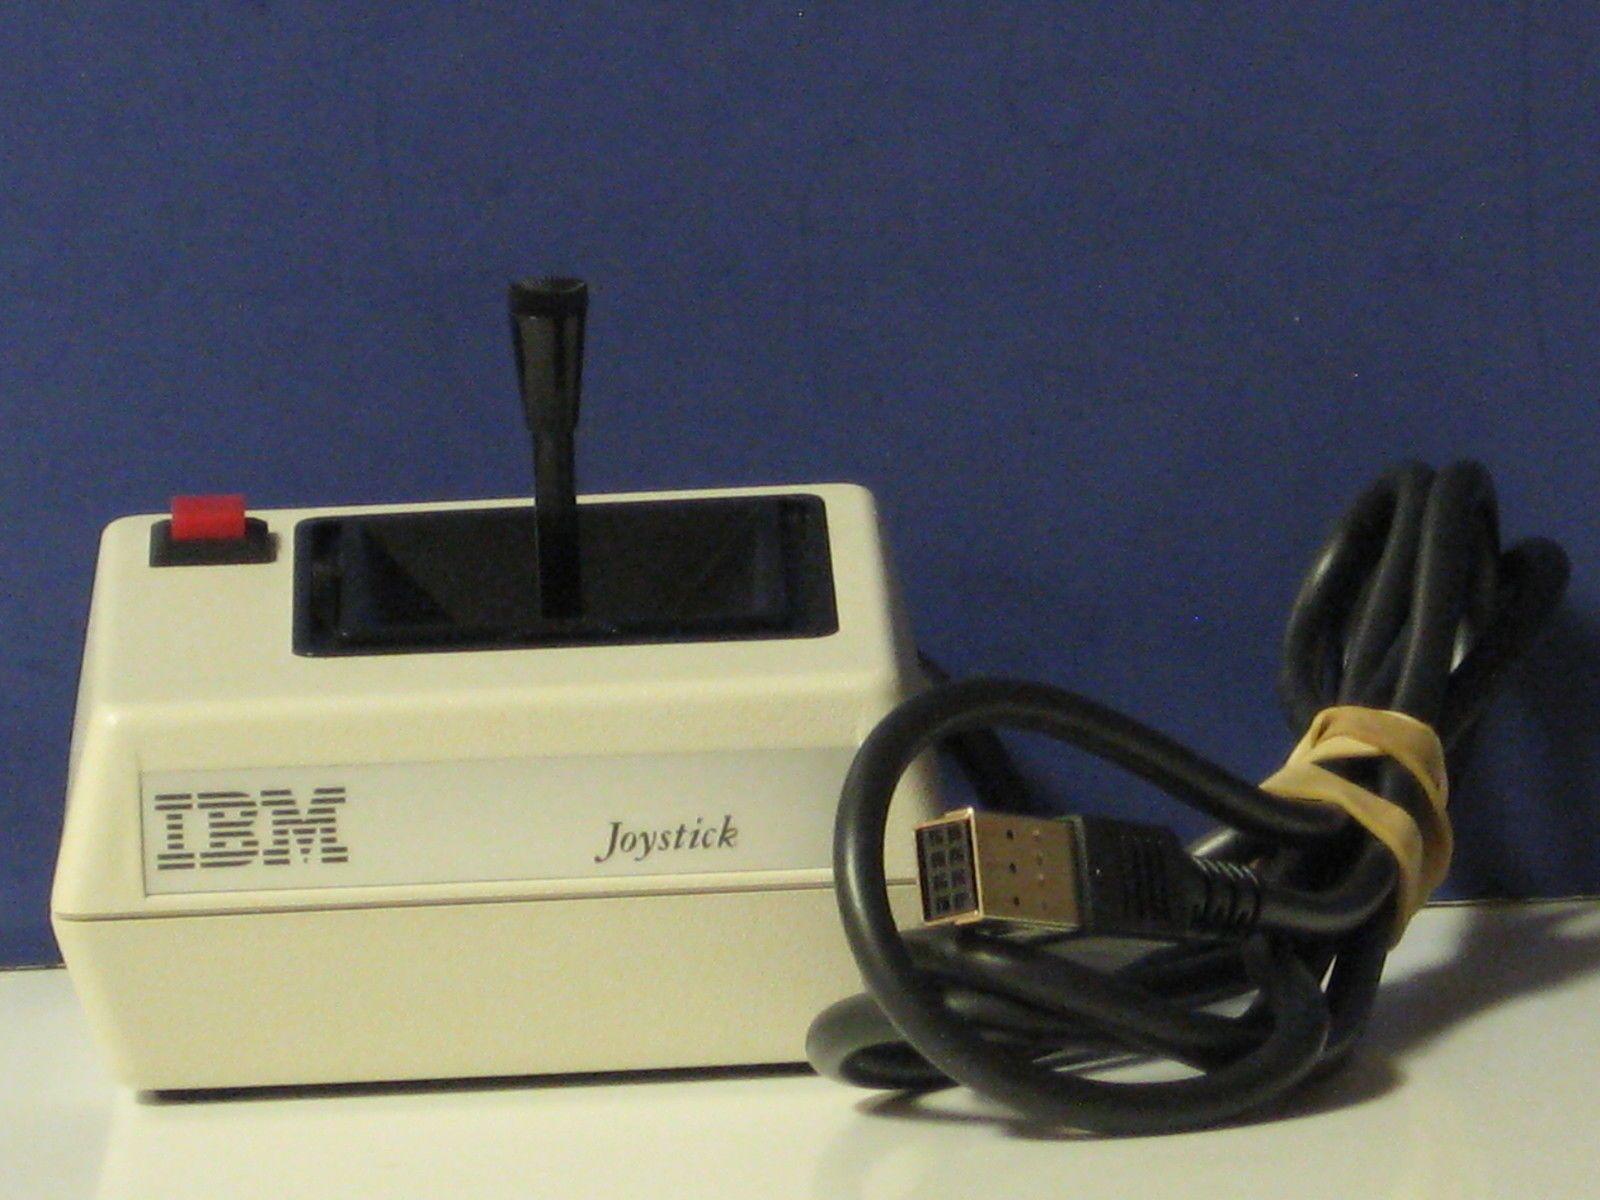 Vintage Ibm Pc Jr Joystick With Images Joystick Vintage